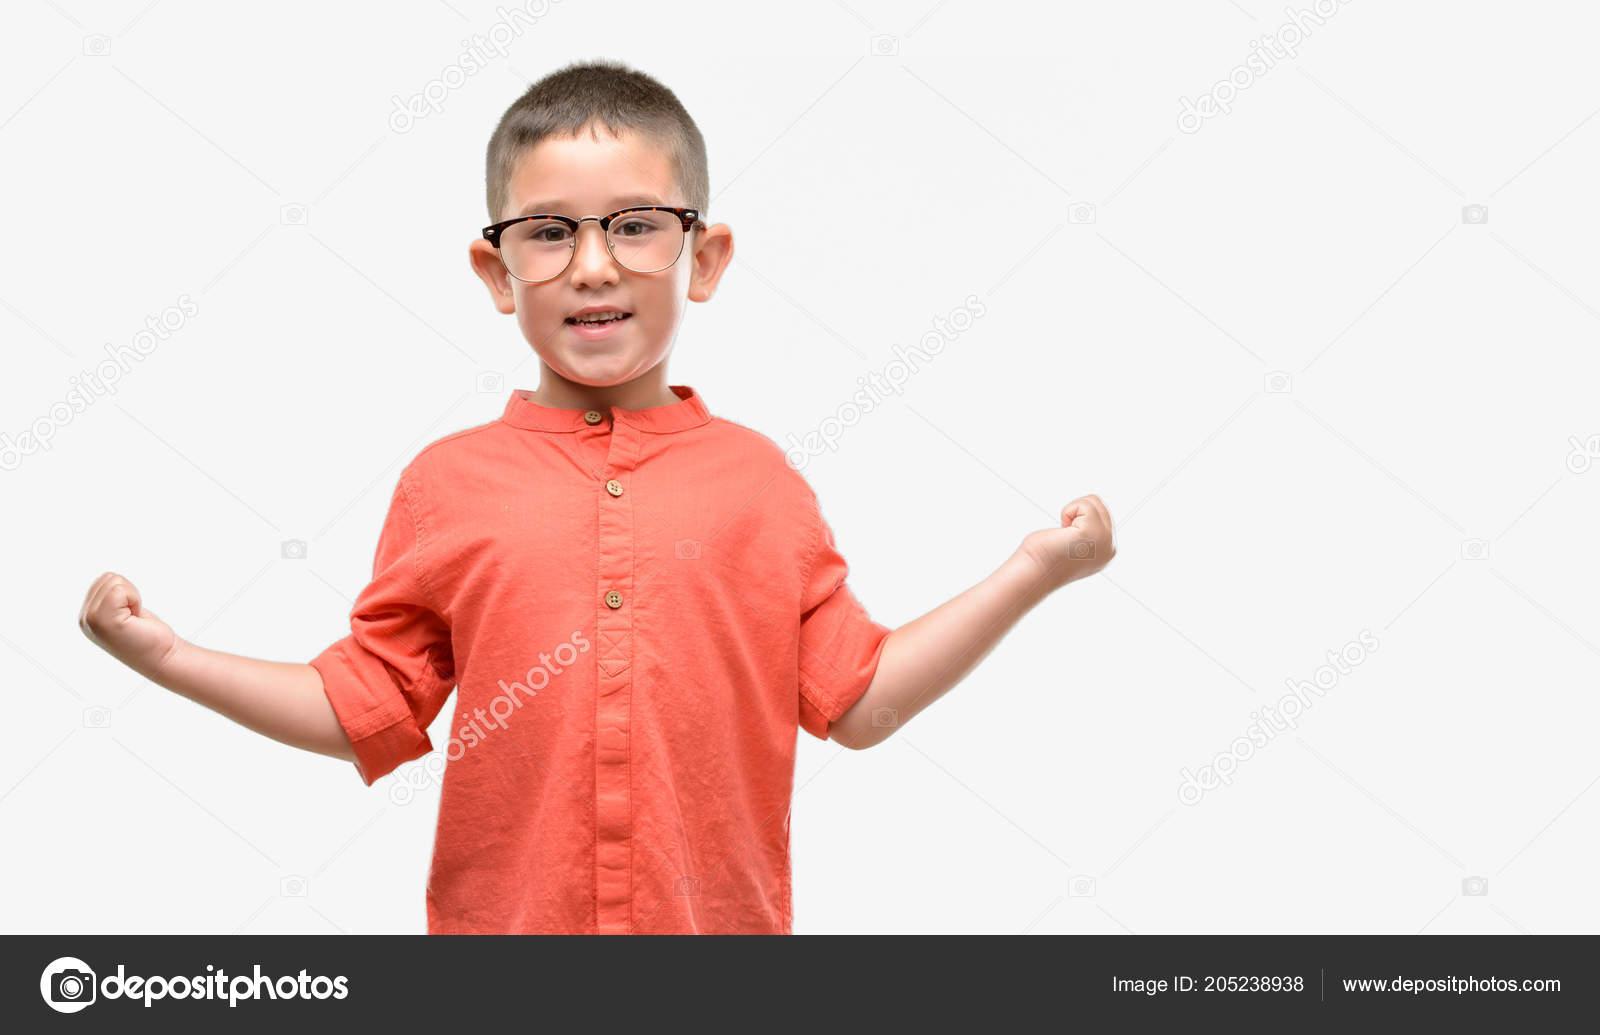 Oscuro con pelos niño con gafas gritando orgulloso y celebrar la victoria y  el éxito muy emocionado 01ef2e78f0ec